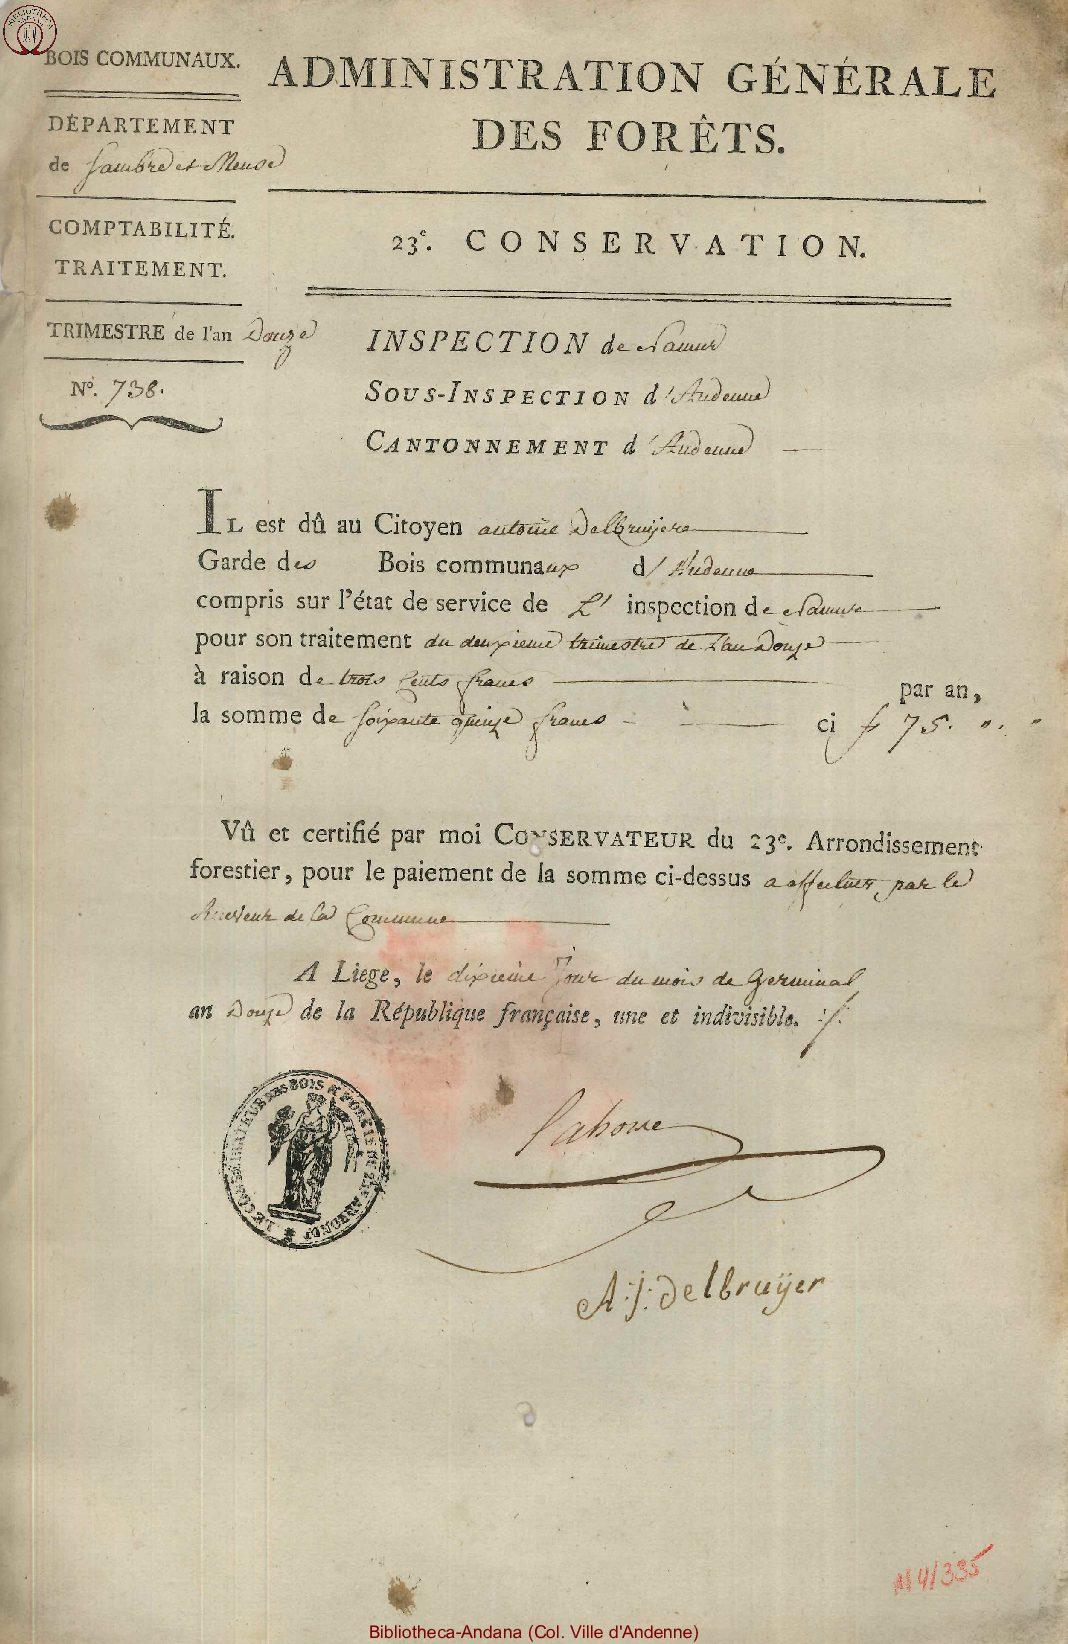 1804-03-31 (10 germinal an 12)